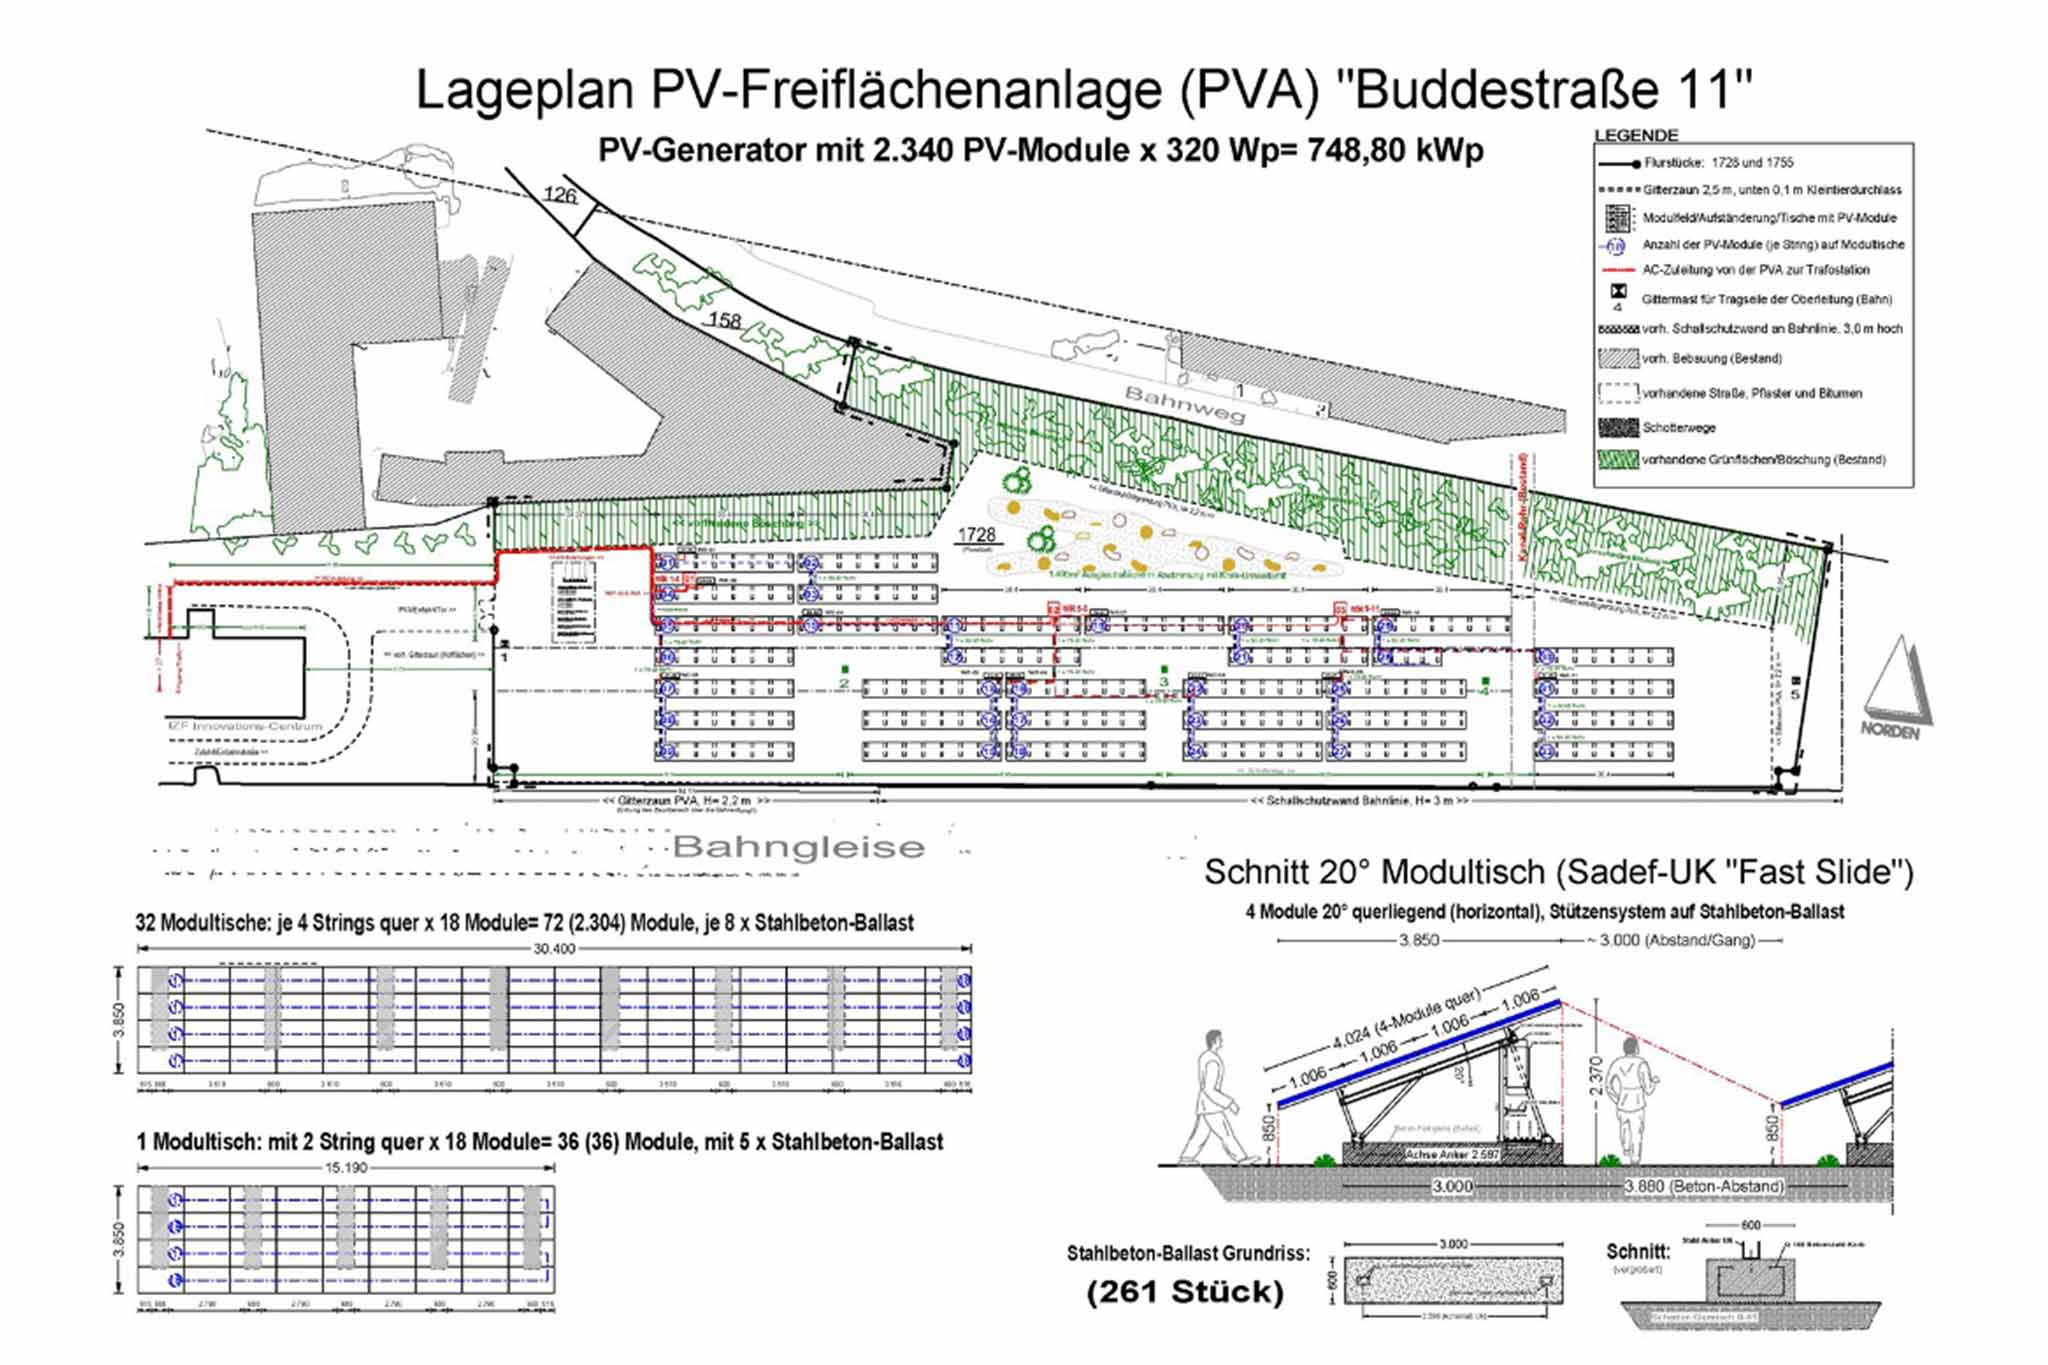 Lageplan einer Freiflächen-Photovoltaik-Anlage